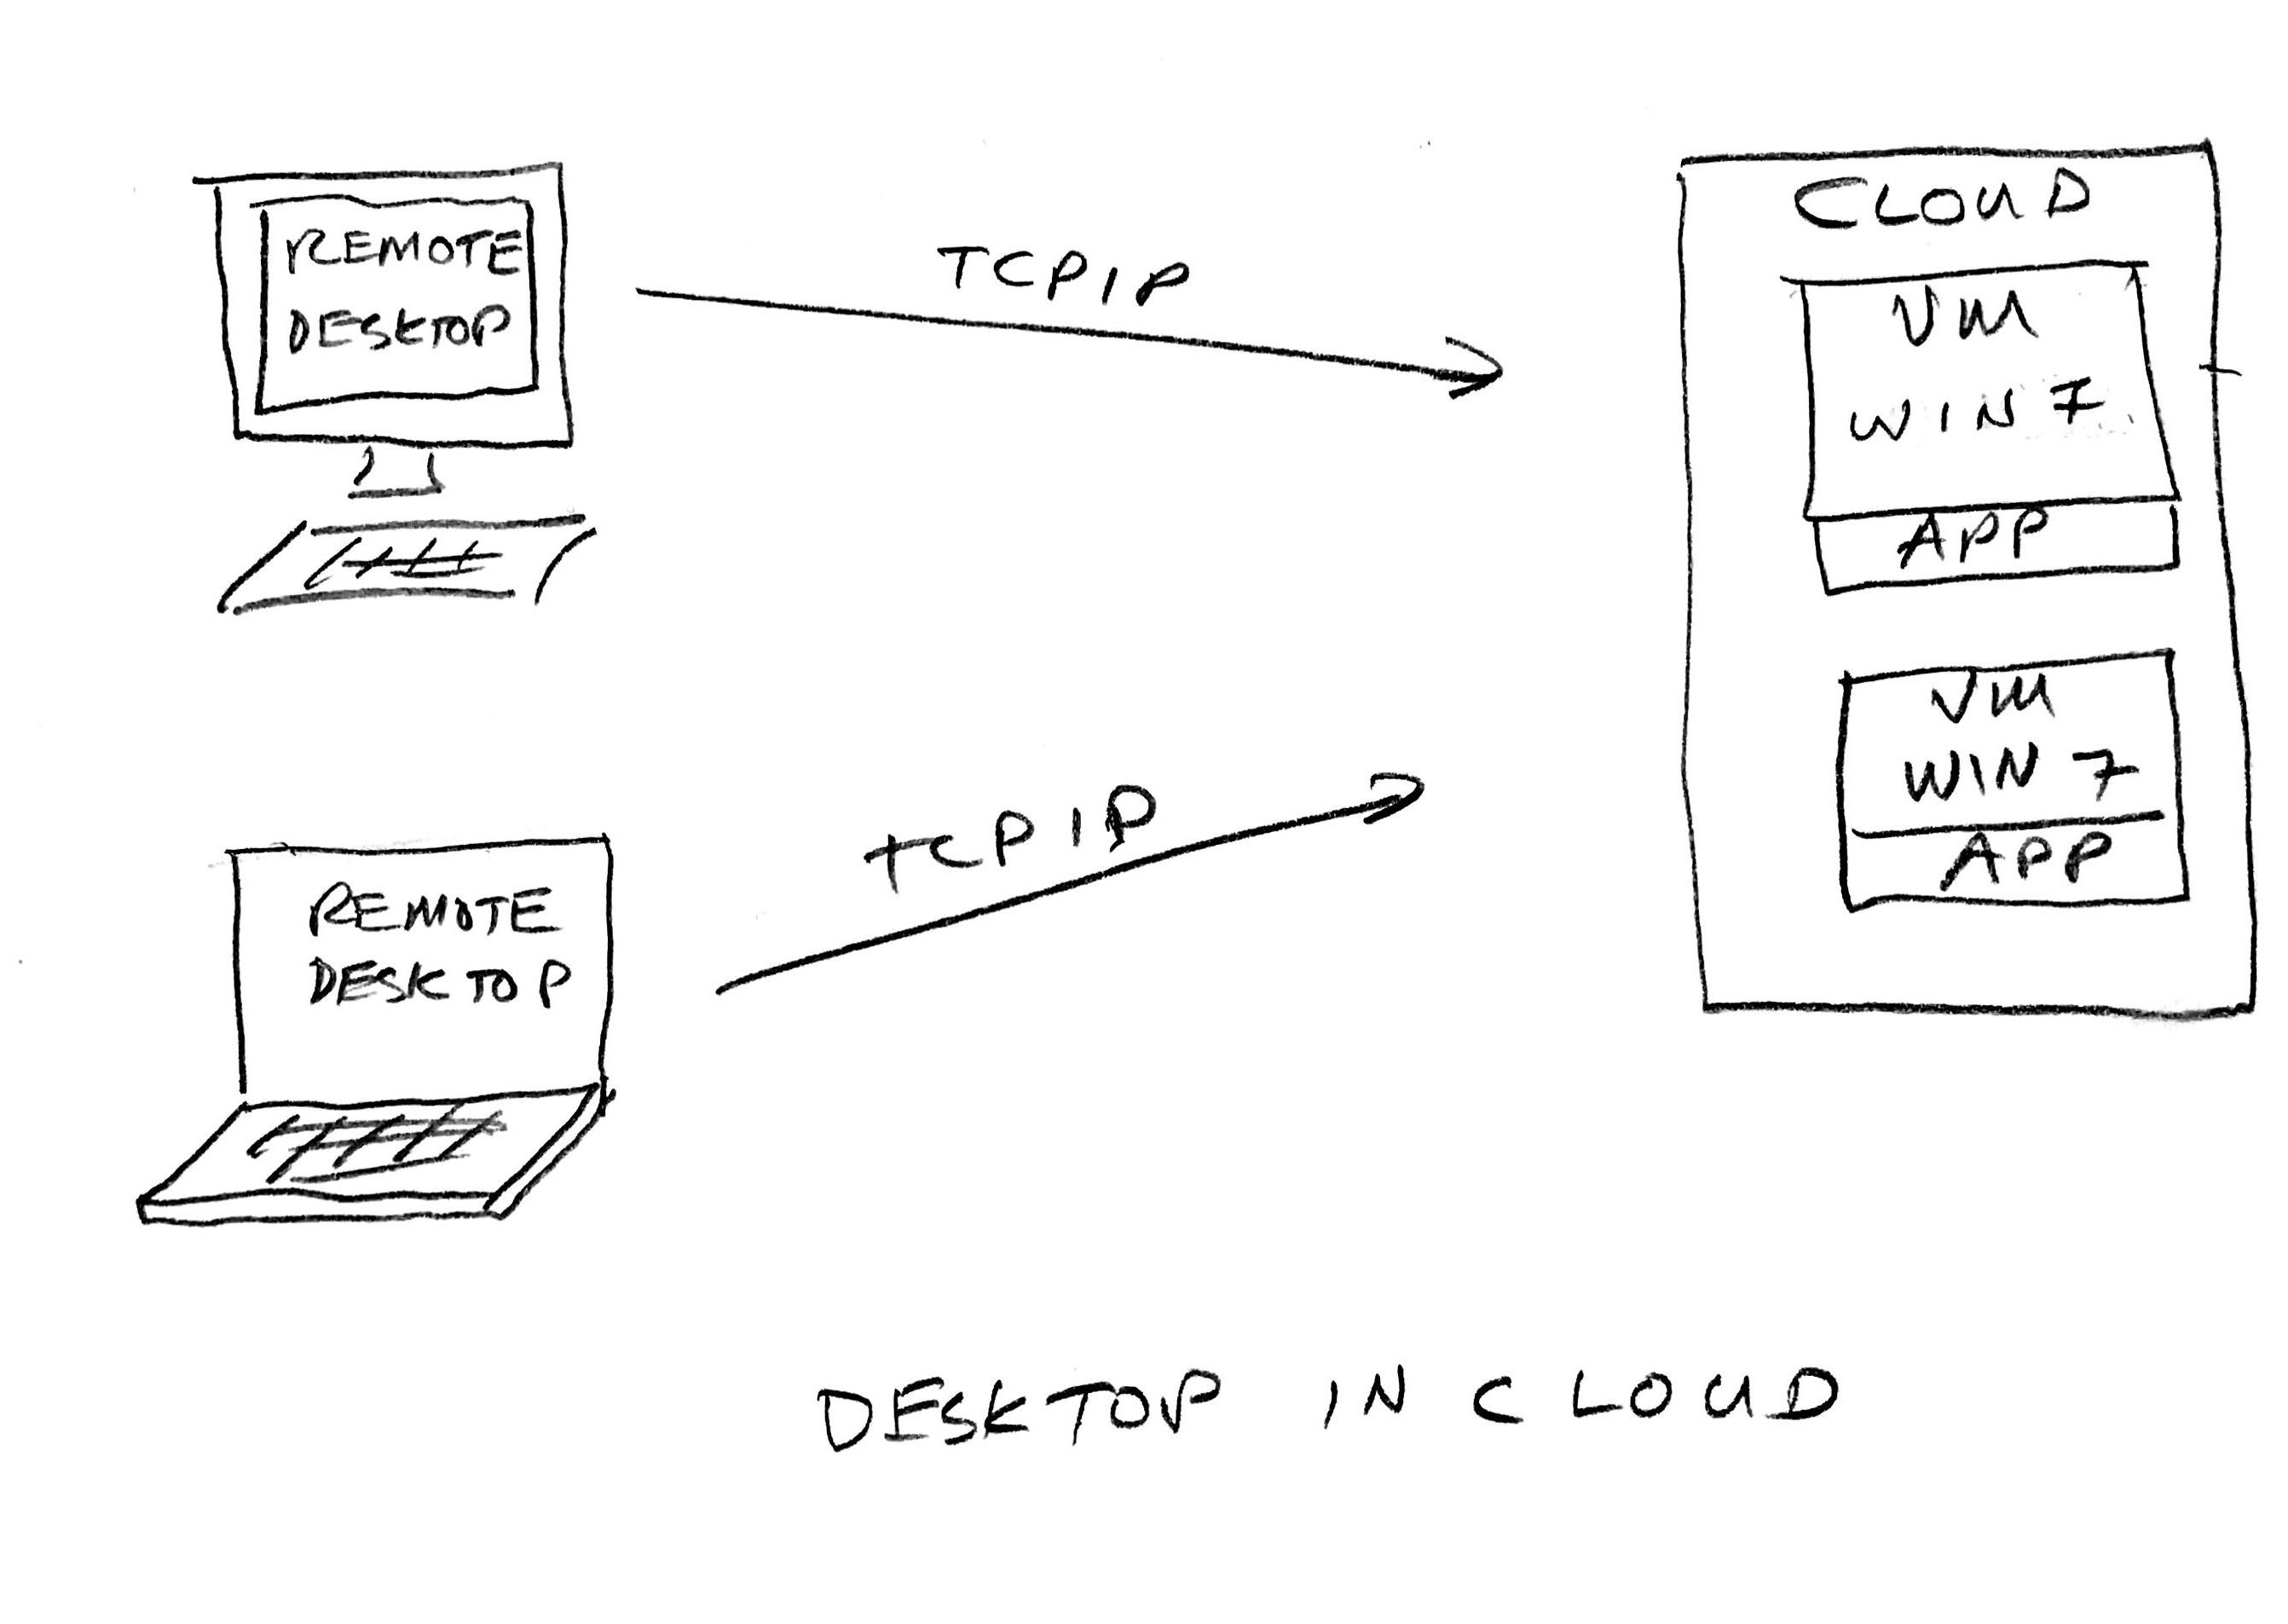 desktop in cloud